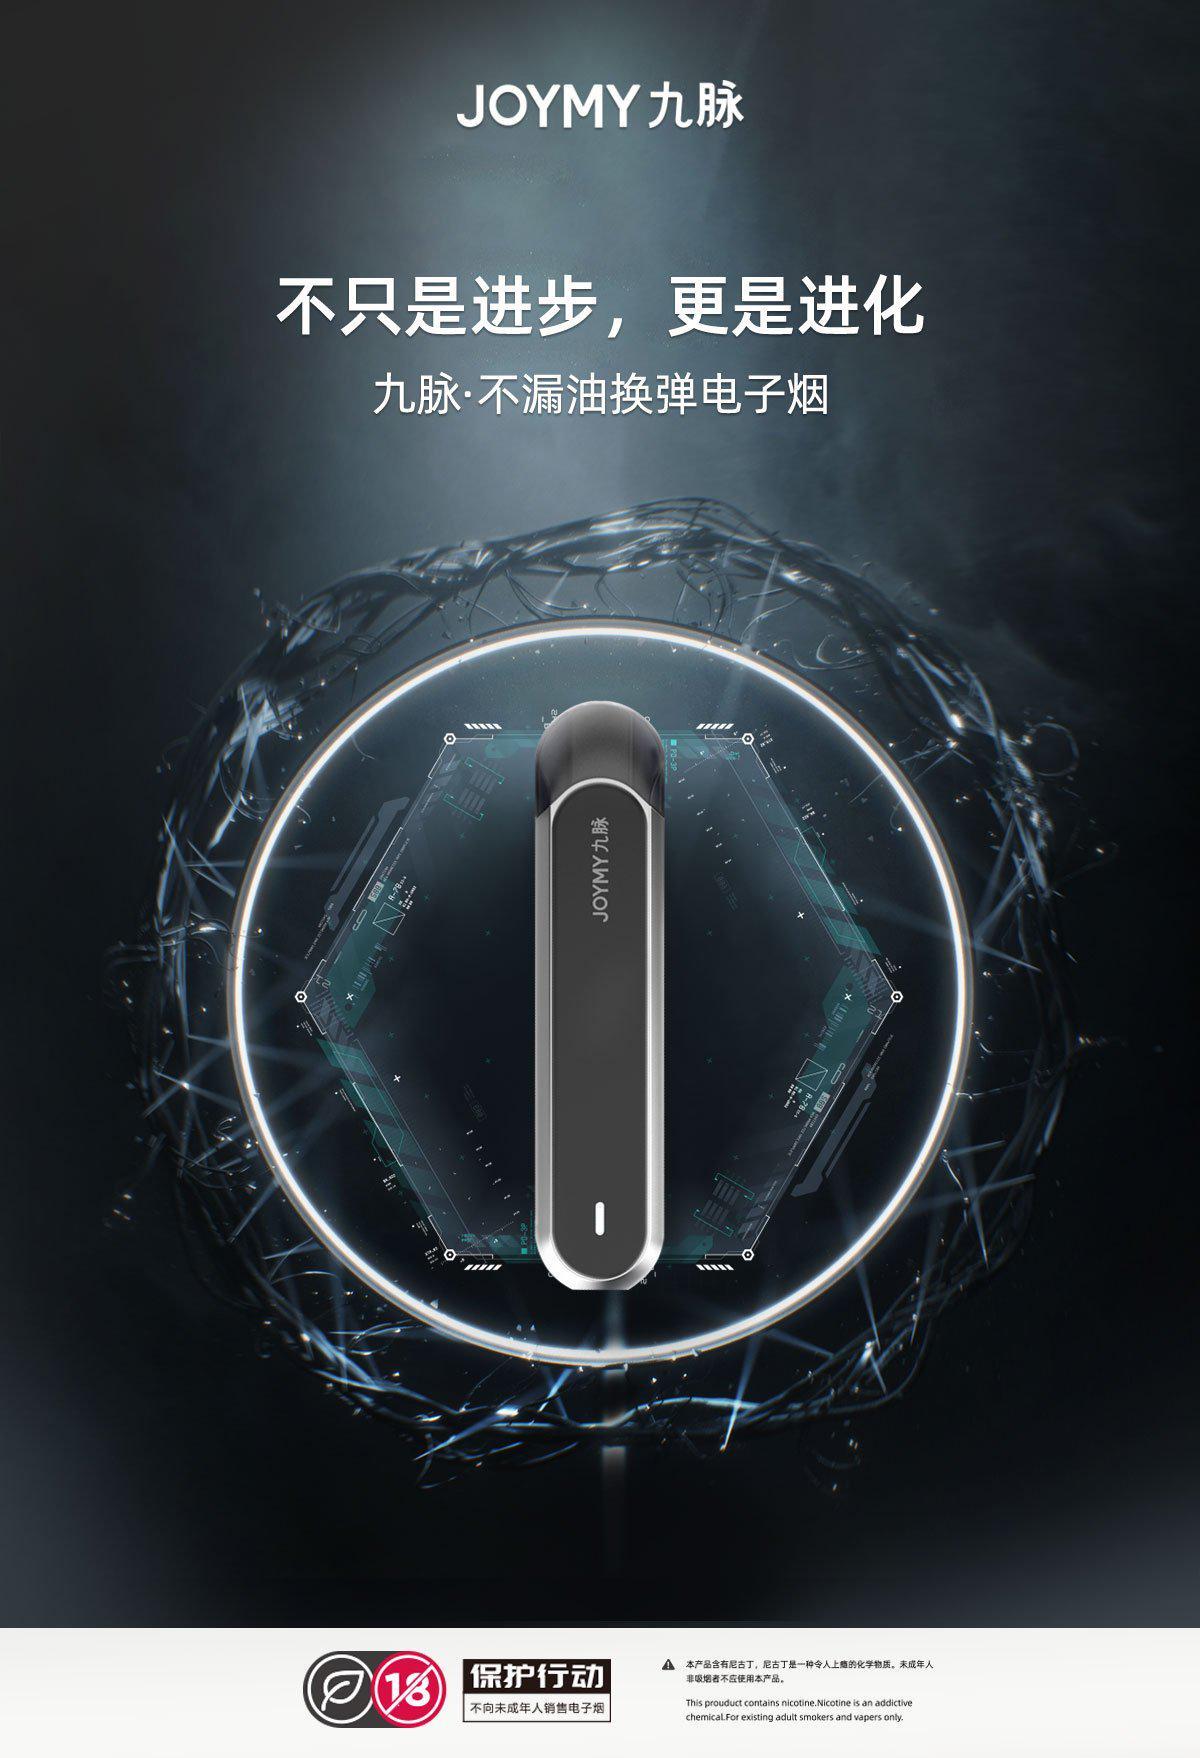 防漏油换弹烟JOYMY九脉换弹电子烟新品发布